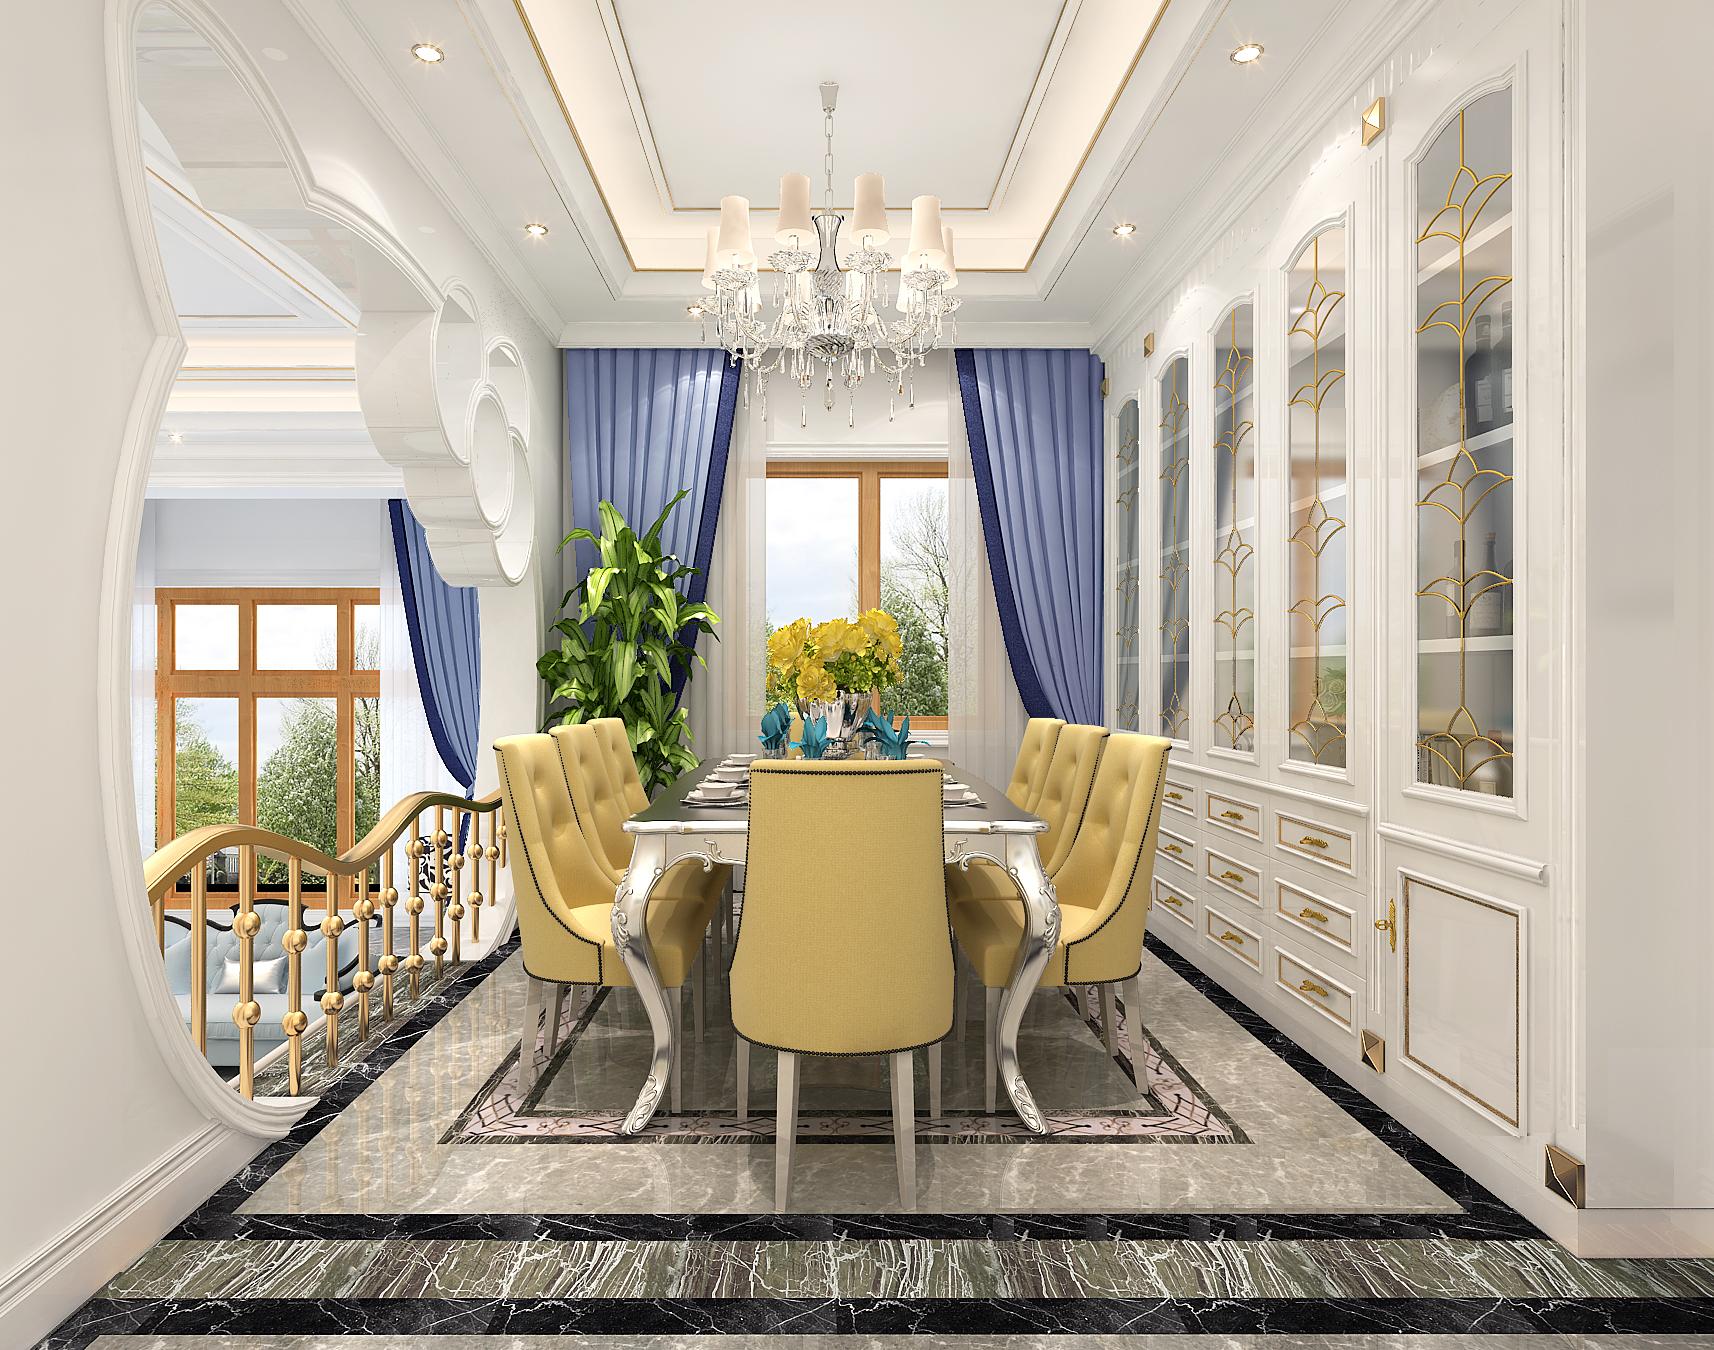 山语原墅 别墅装修 地中海风格 别墅设计 餐厅图片来自孔继民在山语原墅别墅项目装修地中海的分享